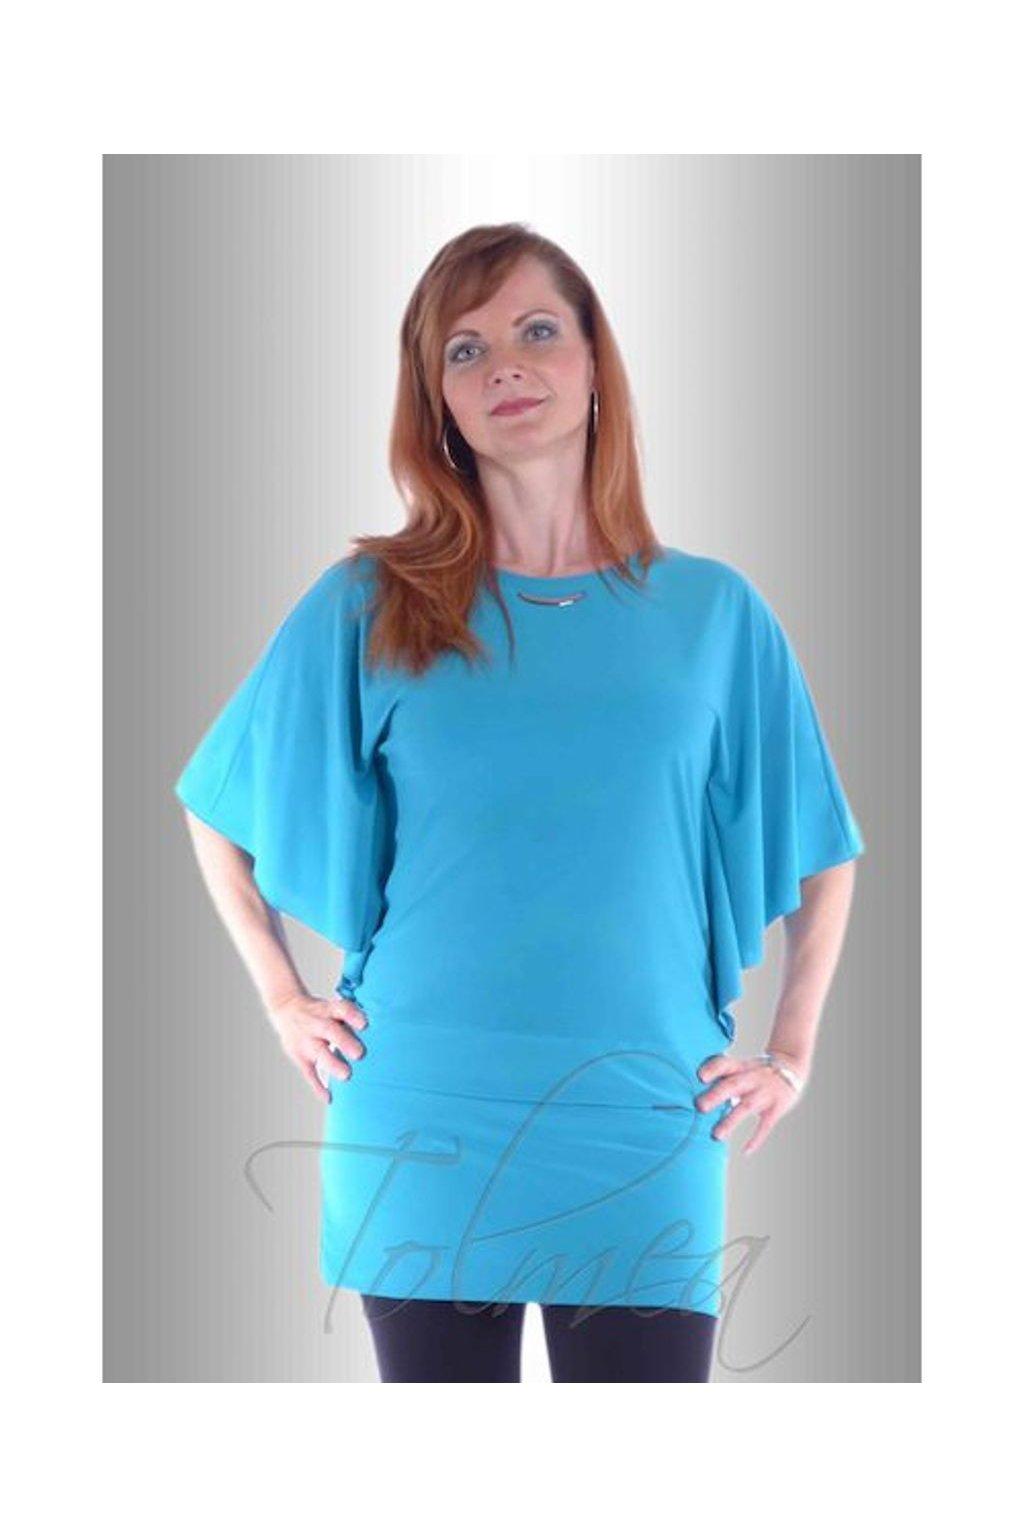 Kimono společenské volné 8917 (Velikost 36, Barva Modrá)